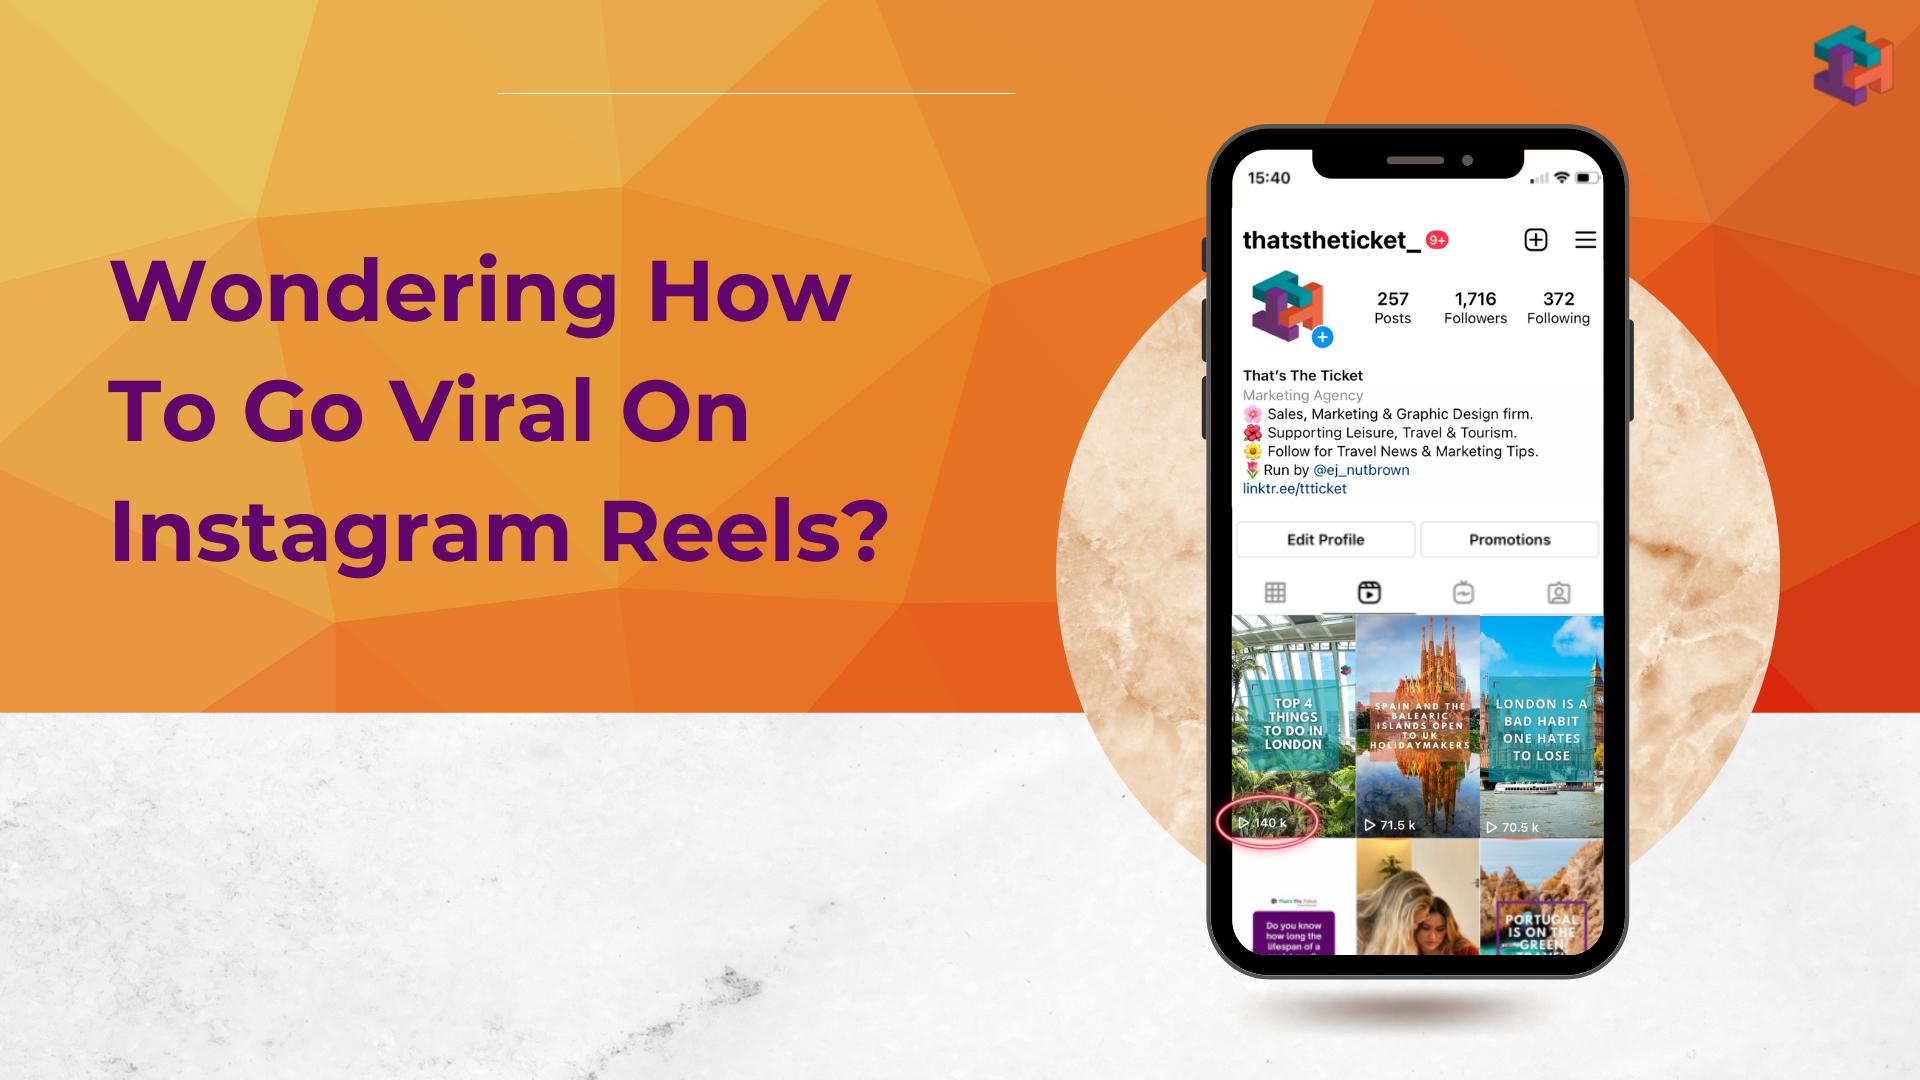 Wondering how to go viral on Instagram Reels?